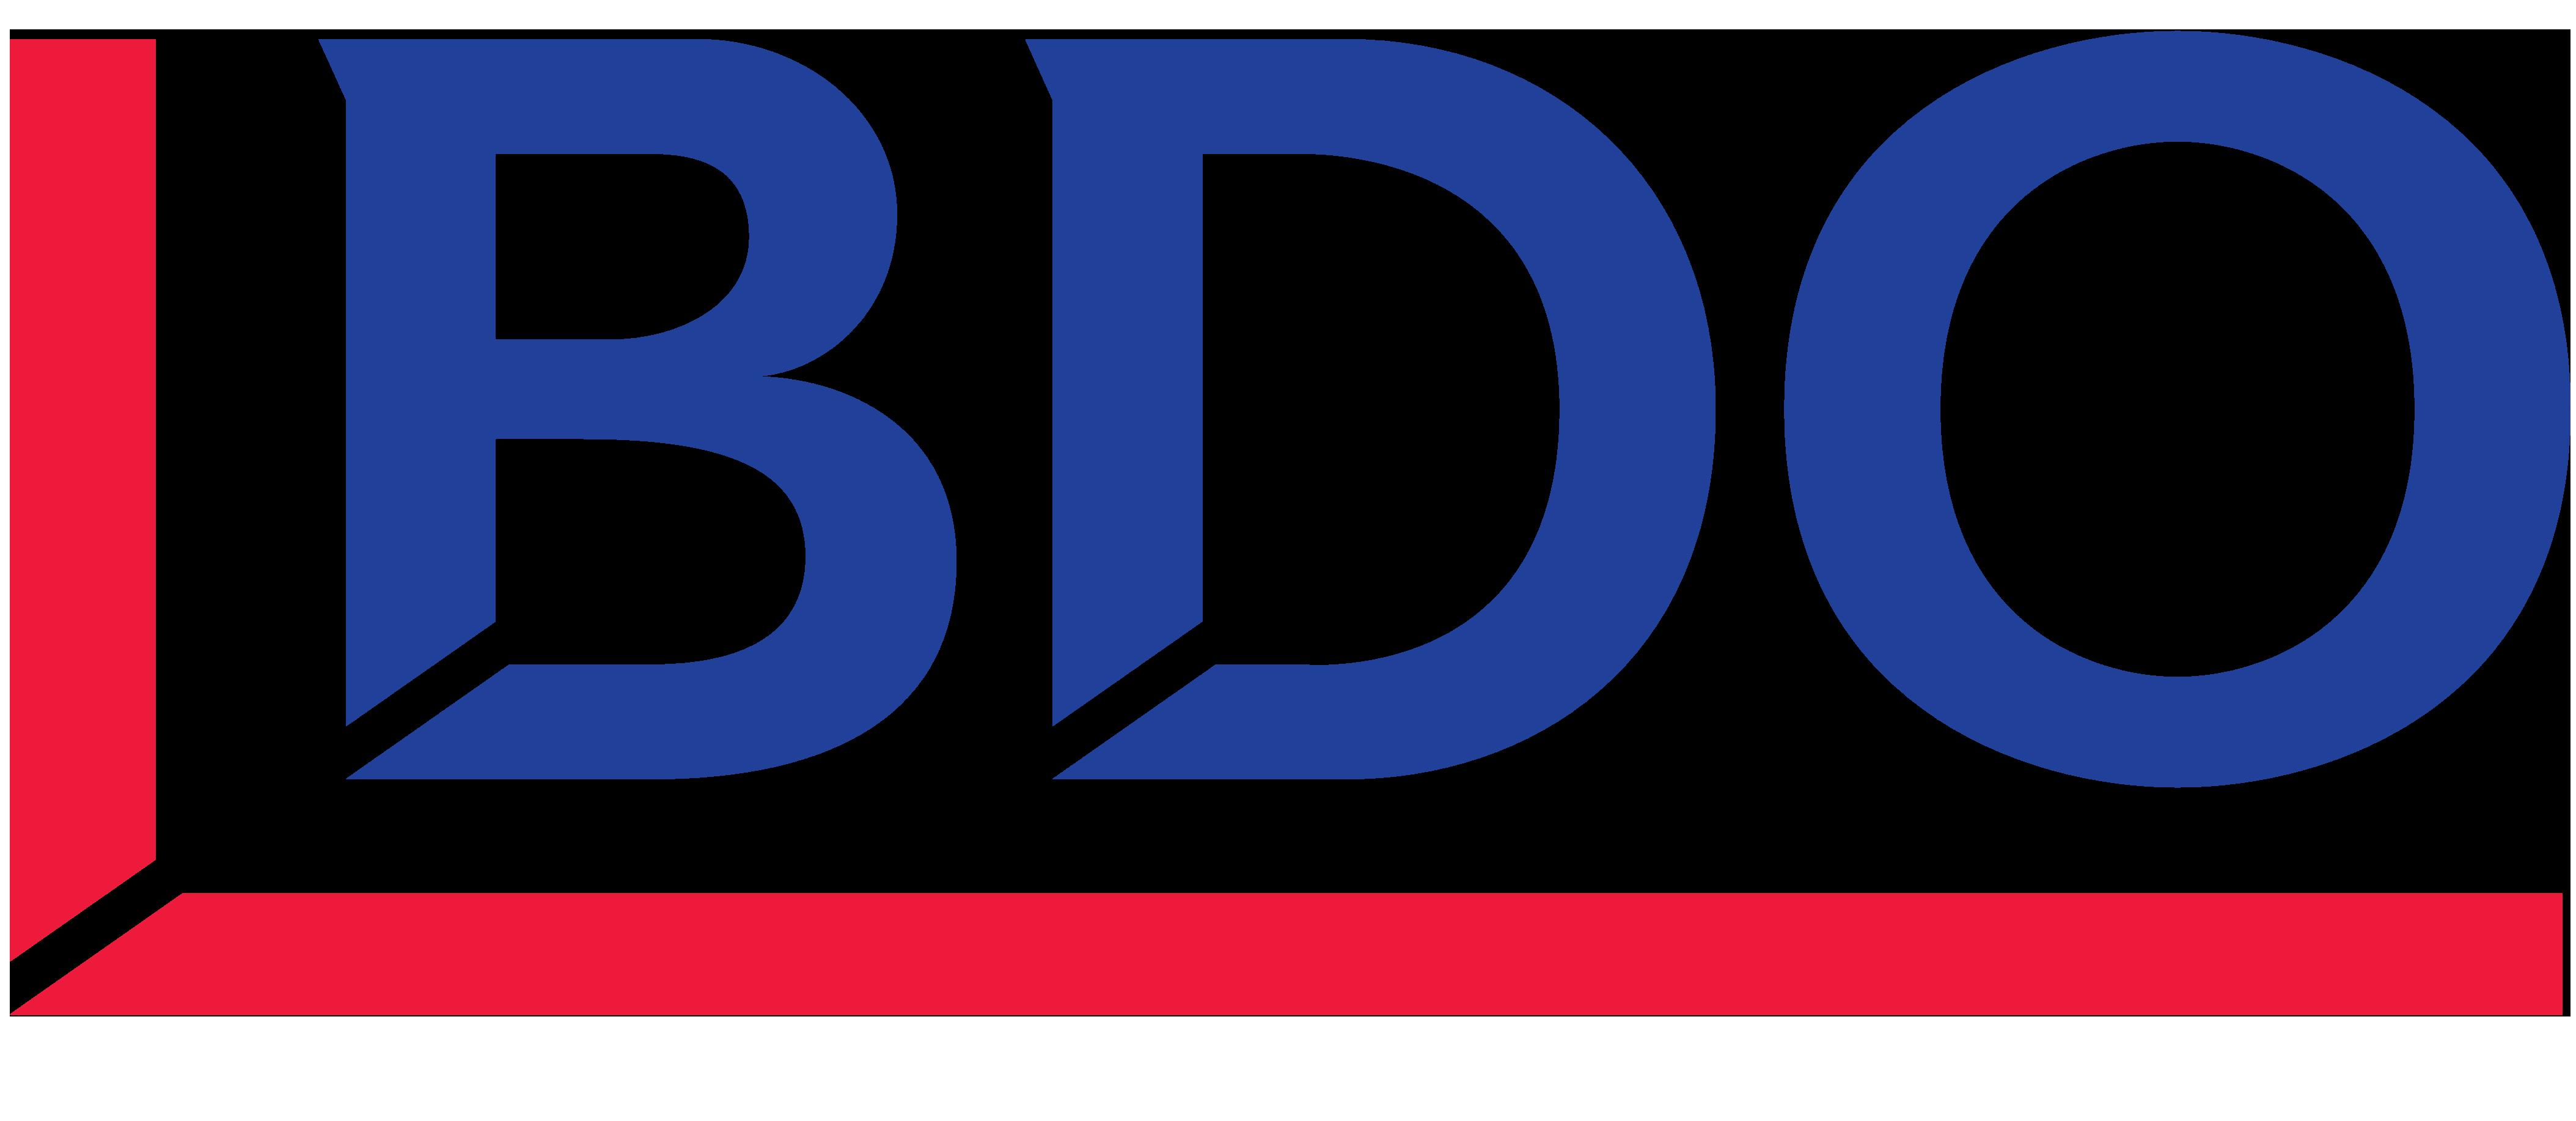 Bdo logo clipart jpg BDO – Logos Download jpg